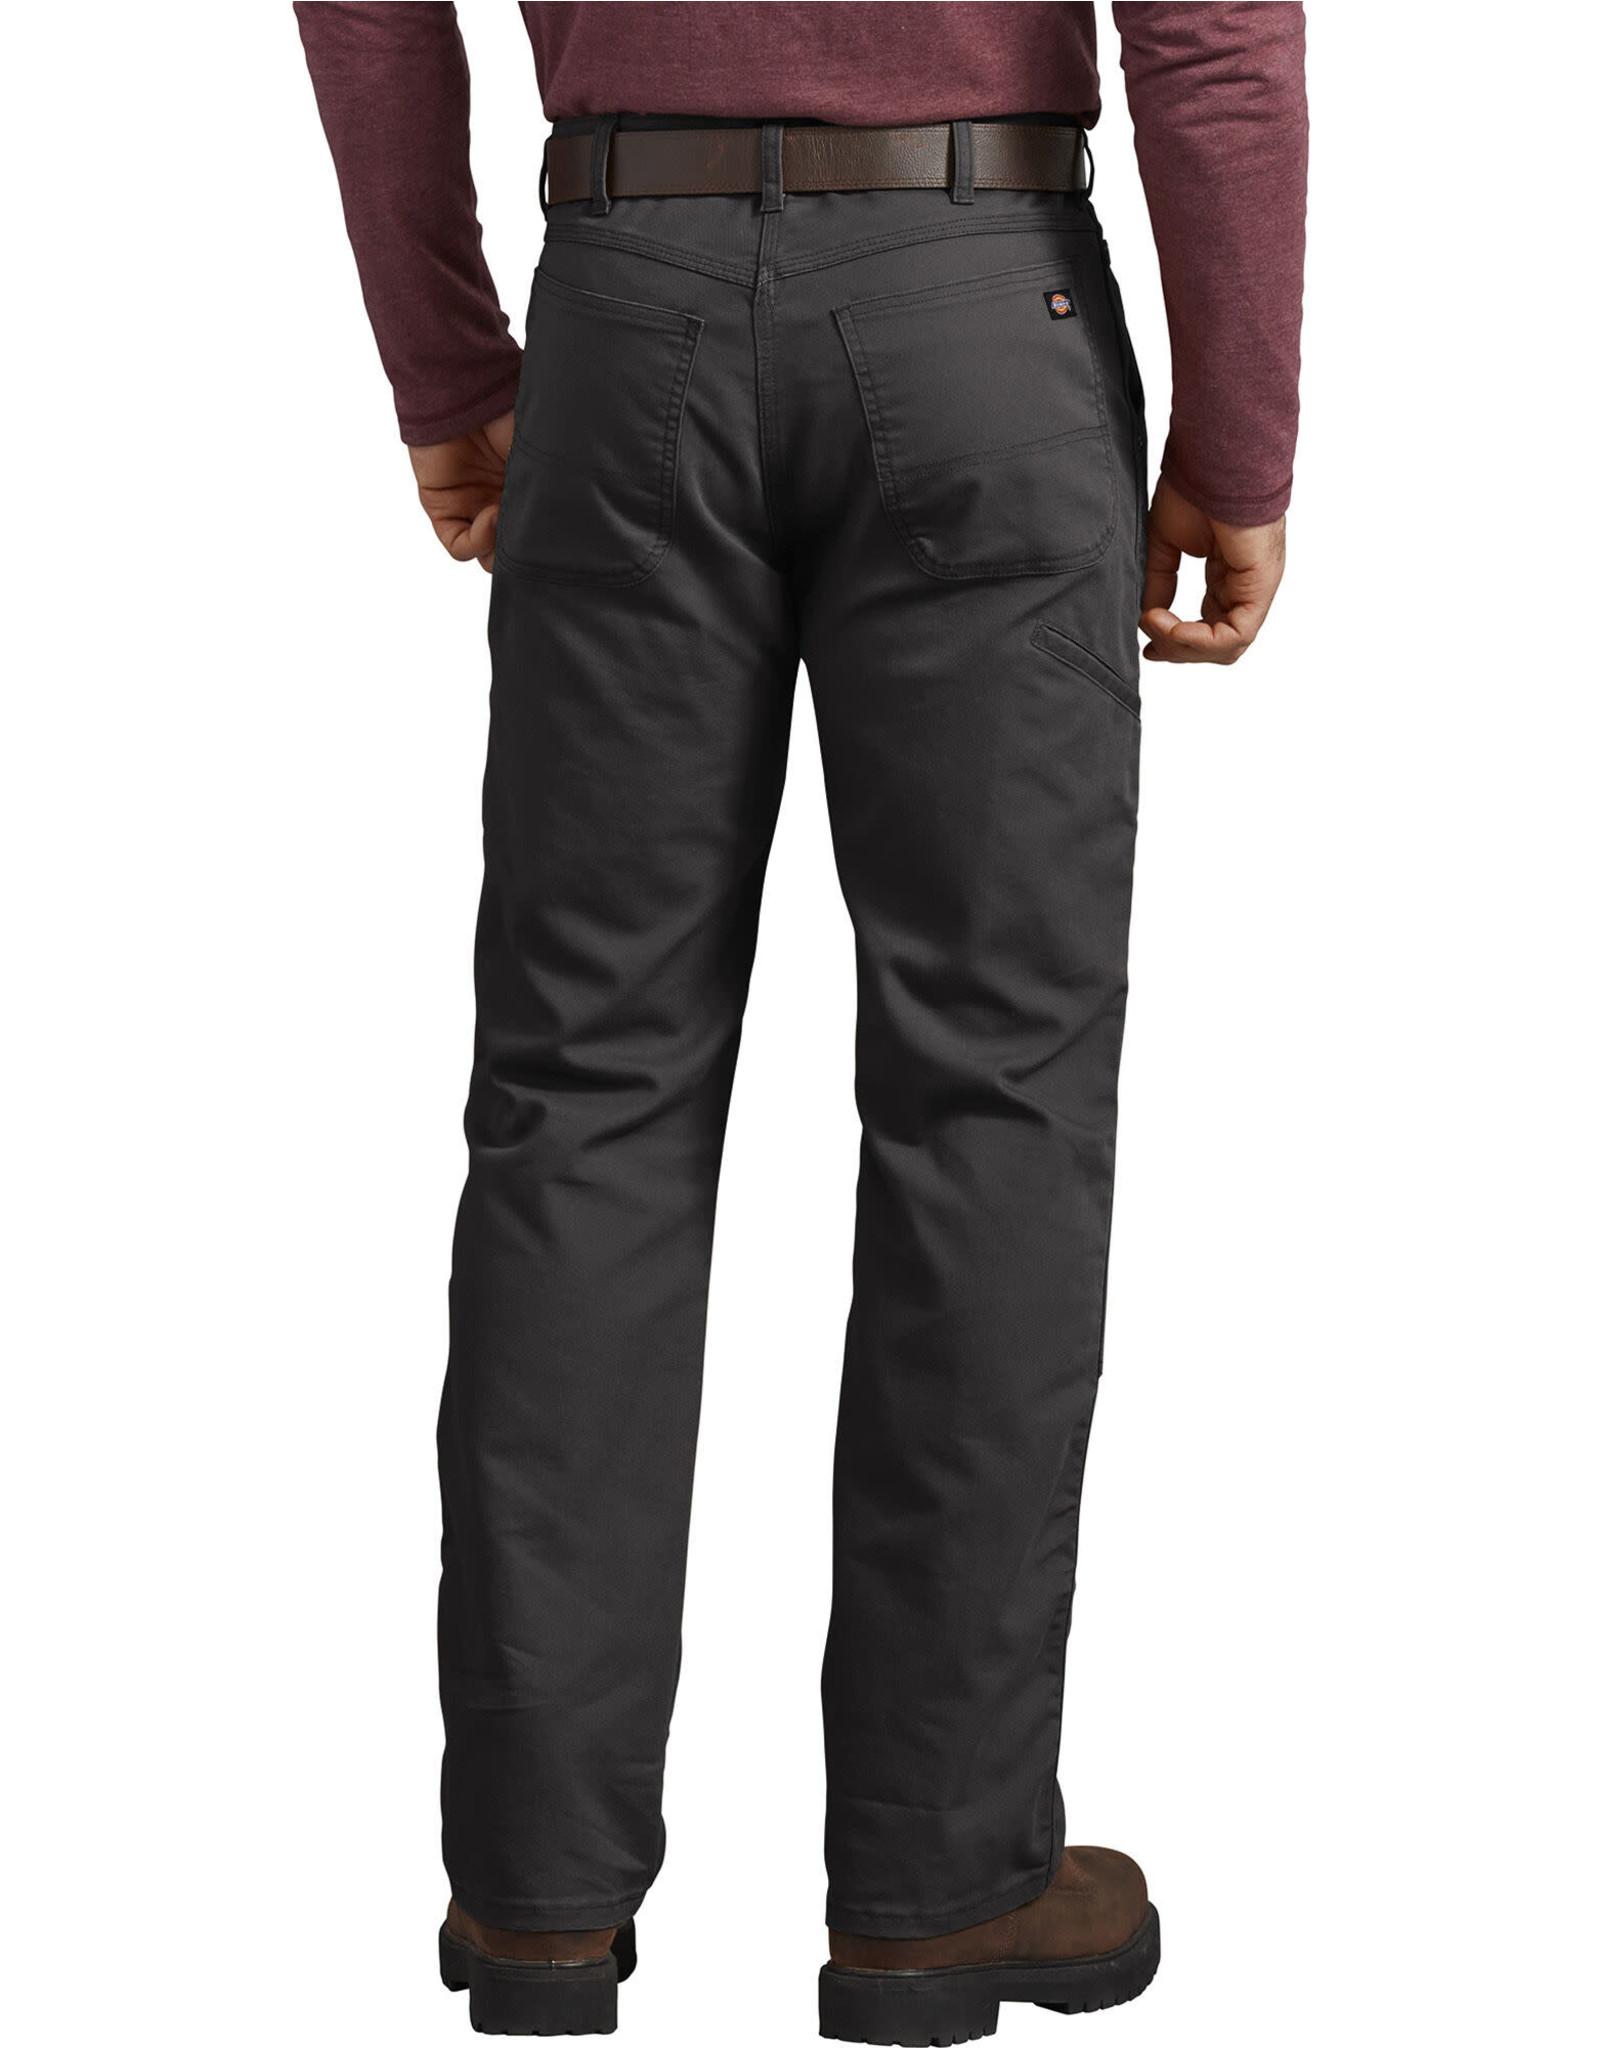 DICKIES FLEX Regular Fit Duck Double Knee Pants DP903